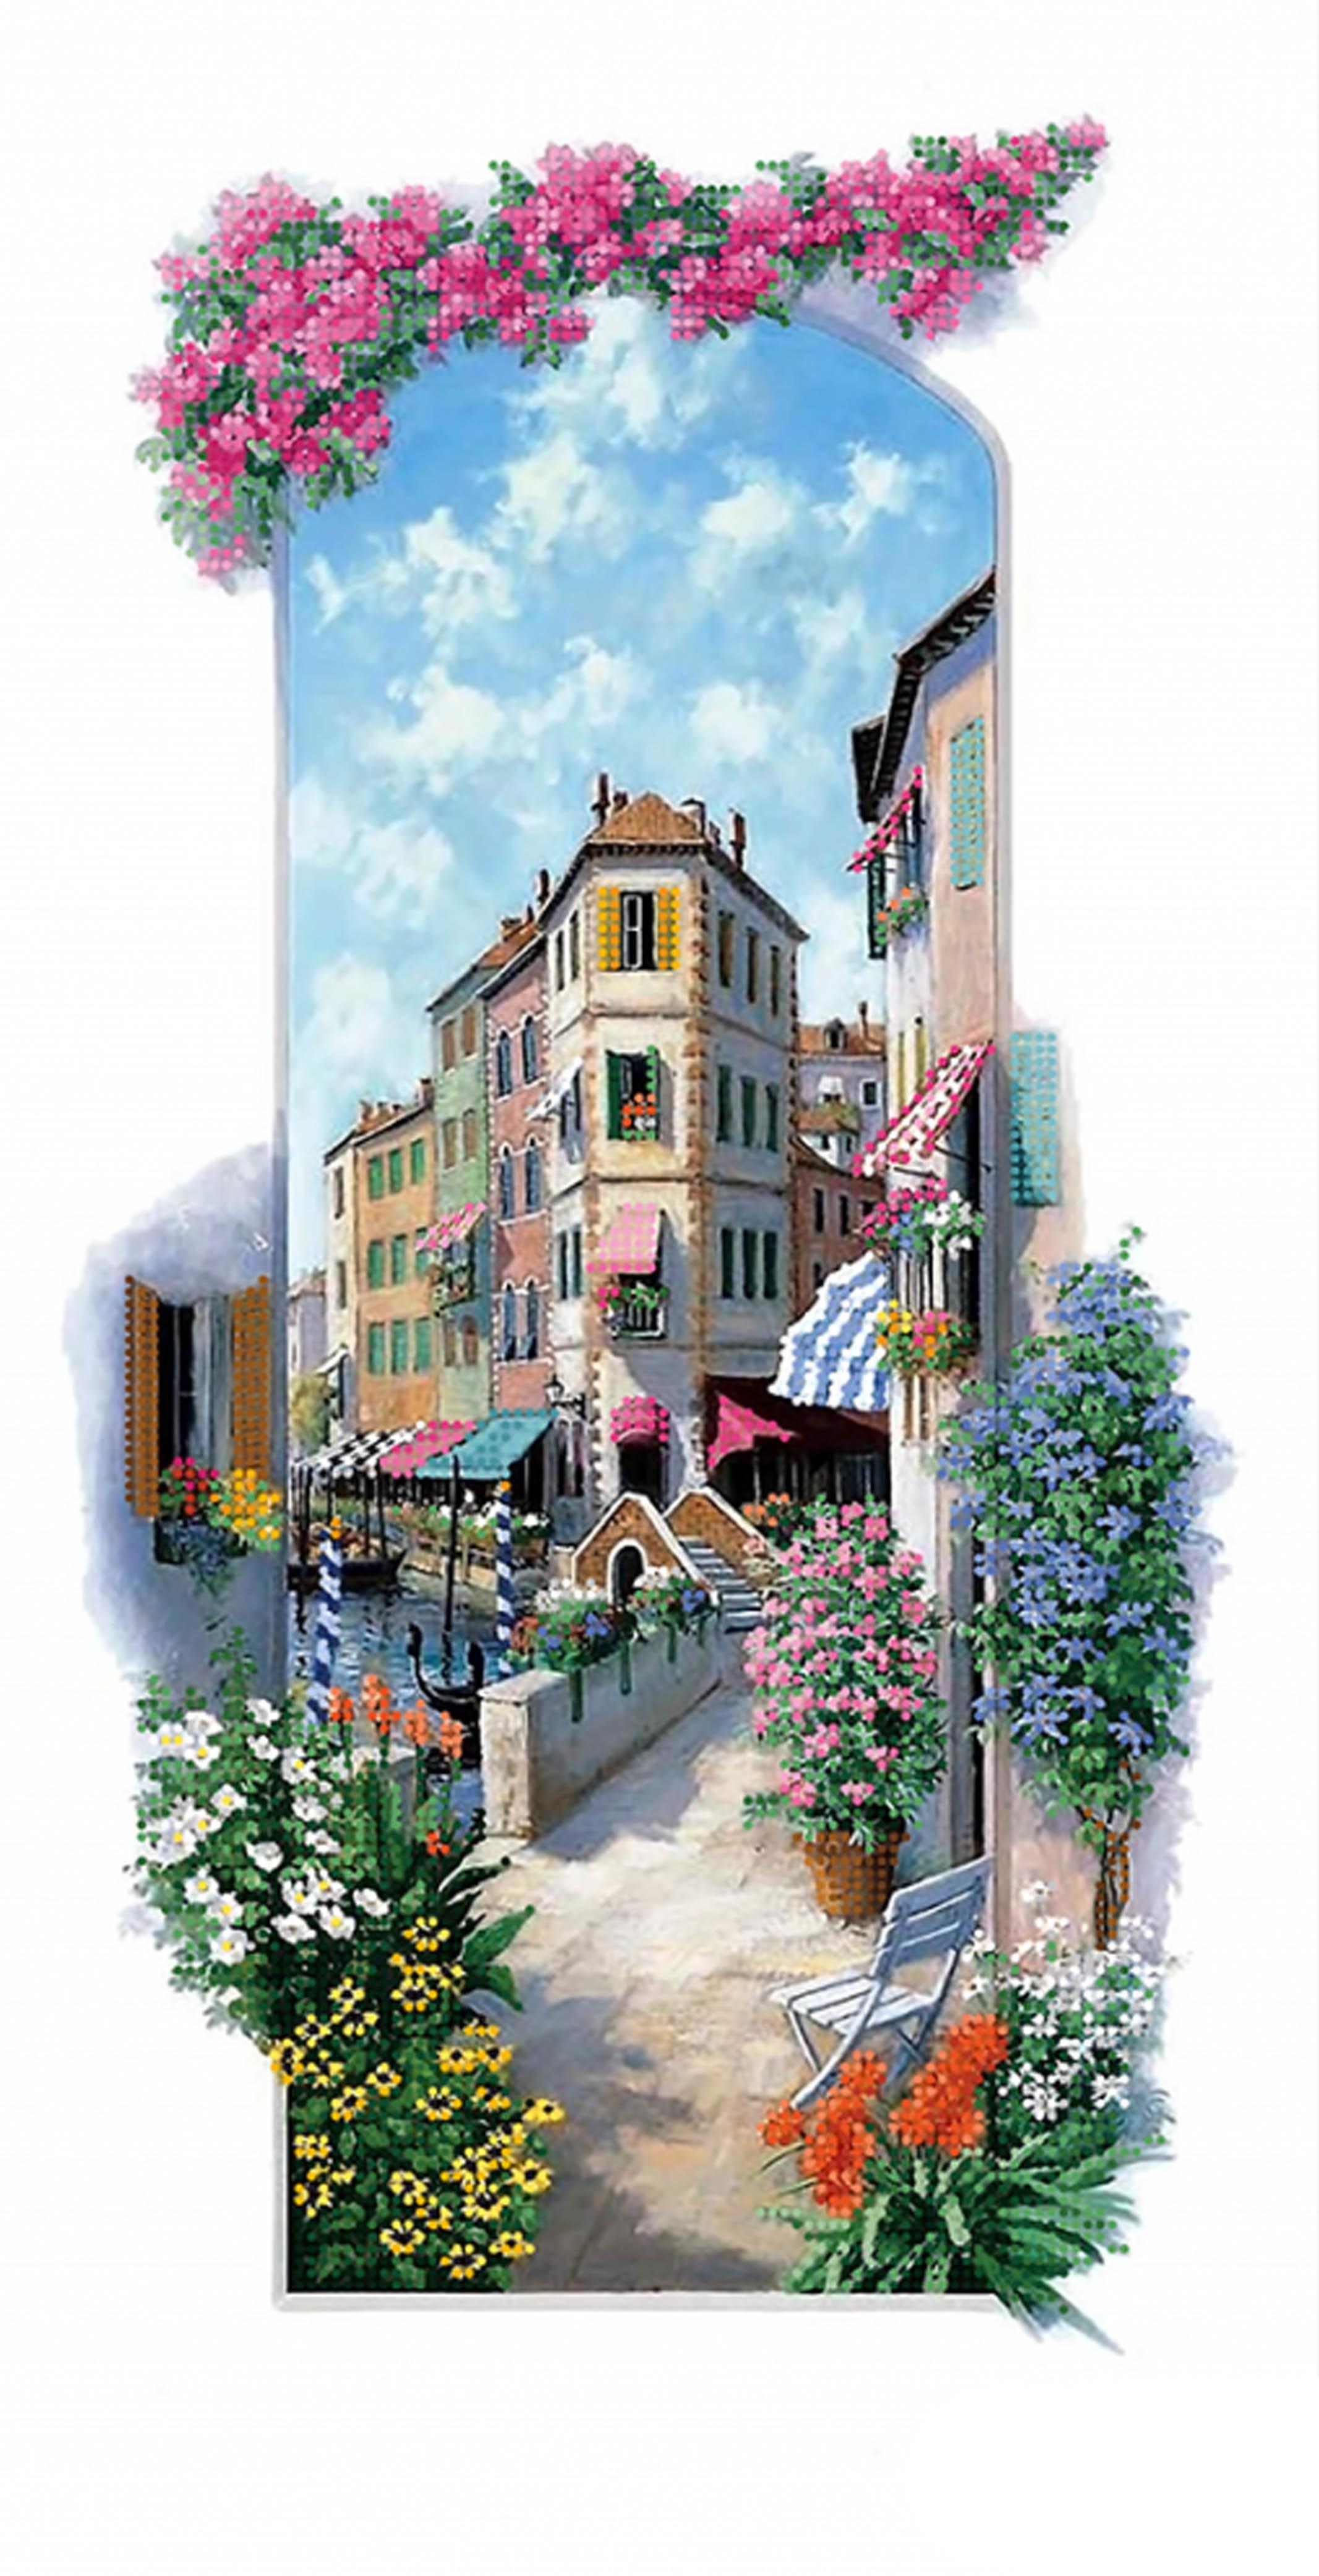 ТА-404 - Итальянские пейзажи. Венеция - схема (Tela Artis)